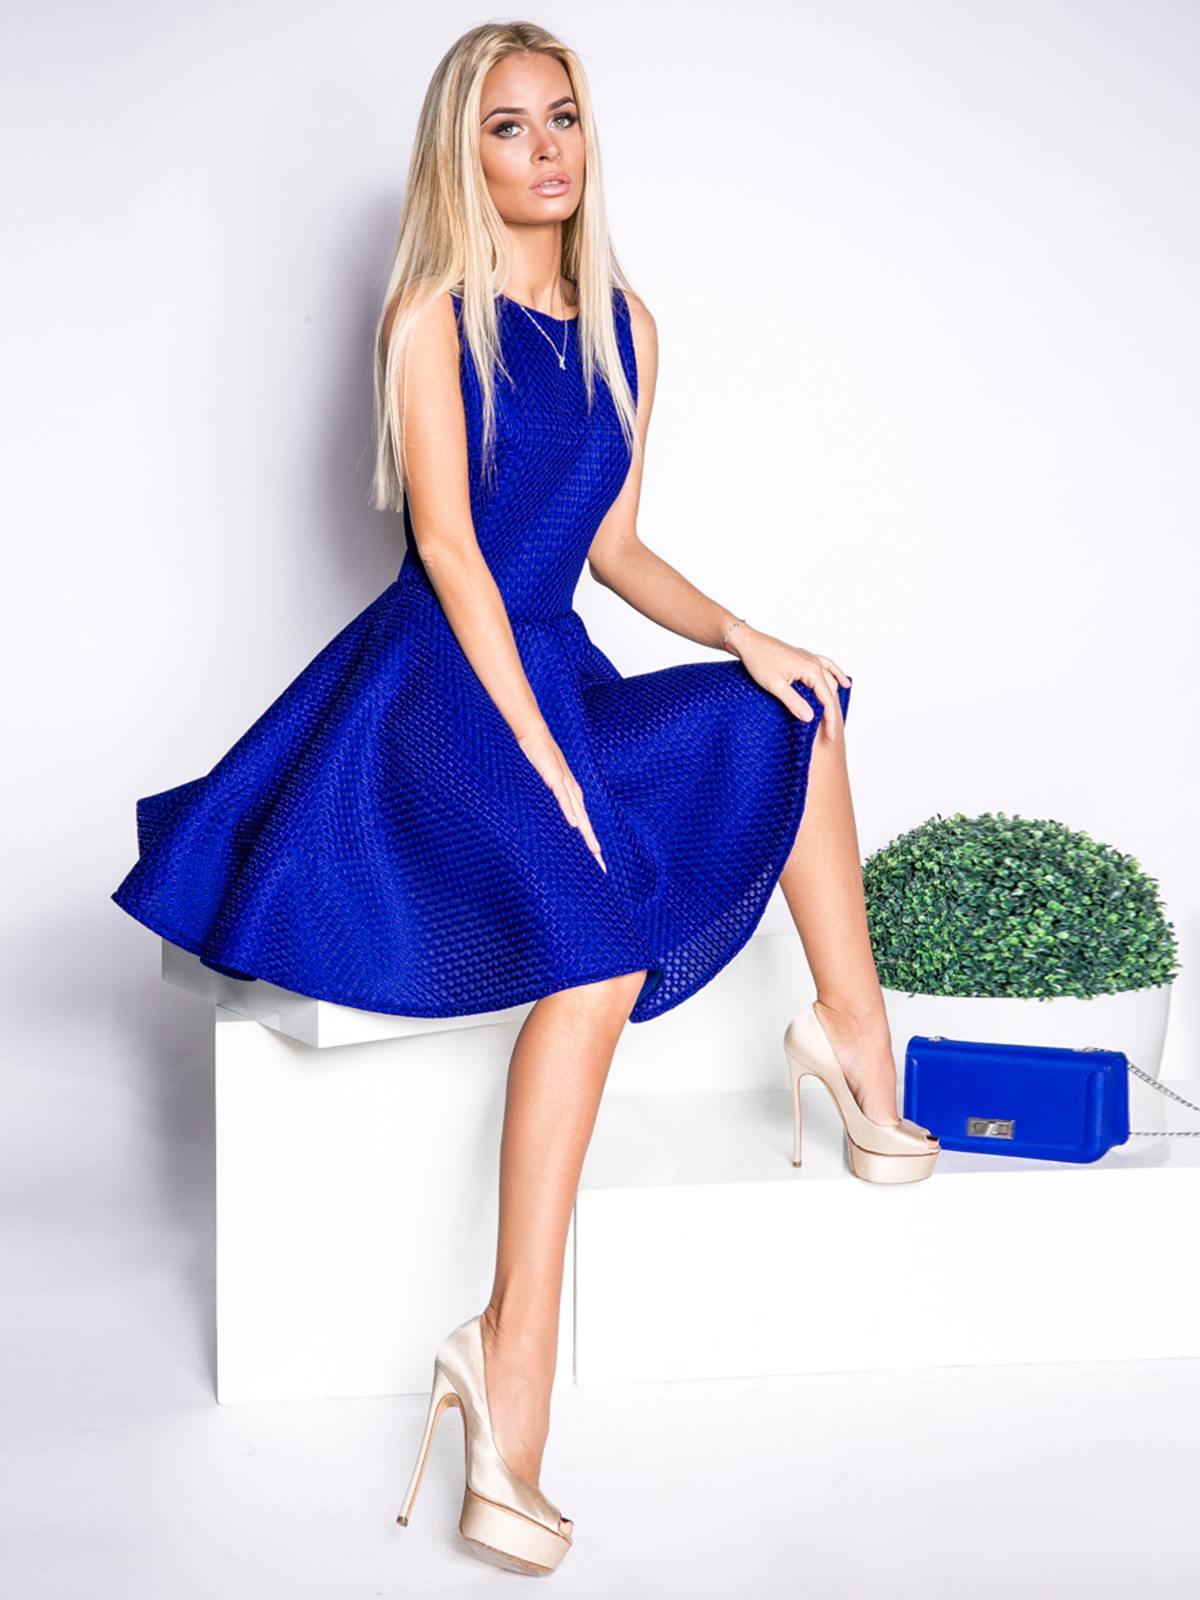 Lottie moss displays her dress flair in a terracotta mini dress